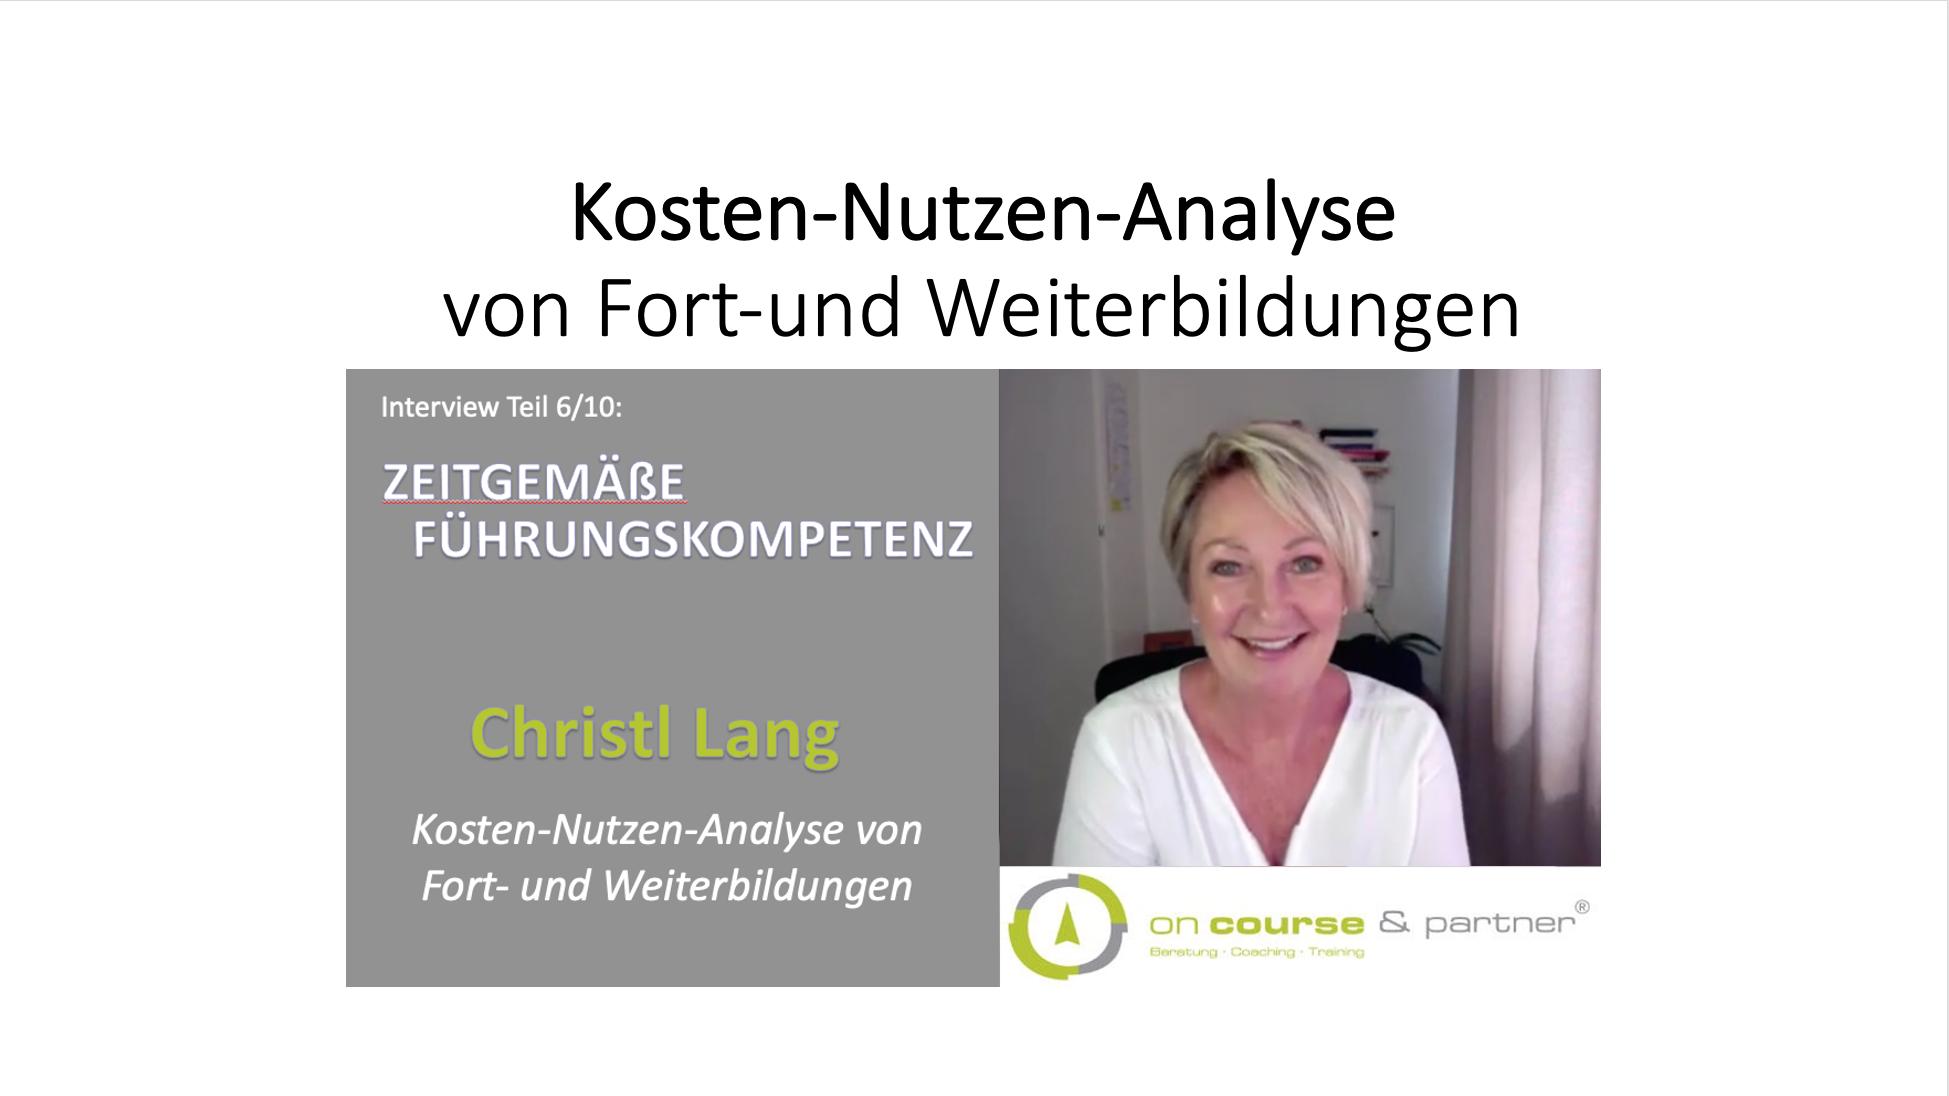 6_10_Kosten-Nutzen-Analyse von Fort-und Weiterbildungen